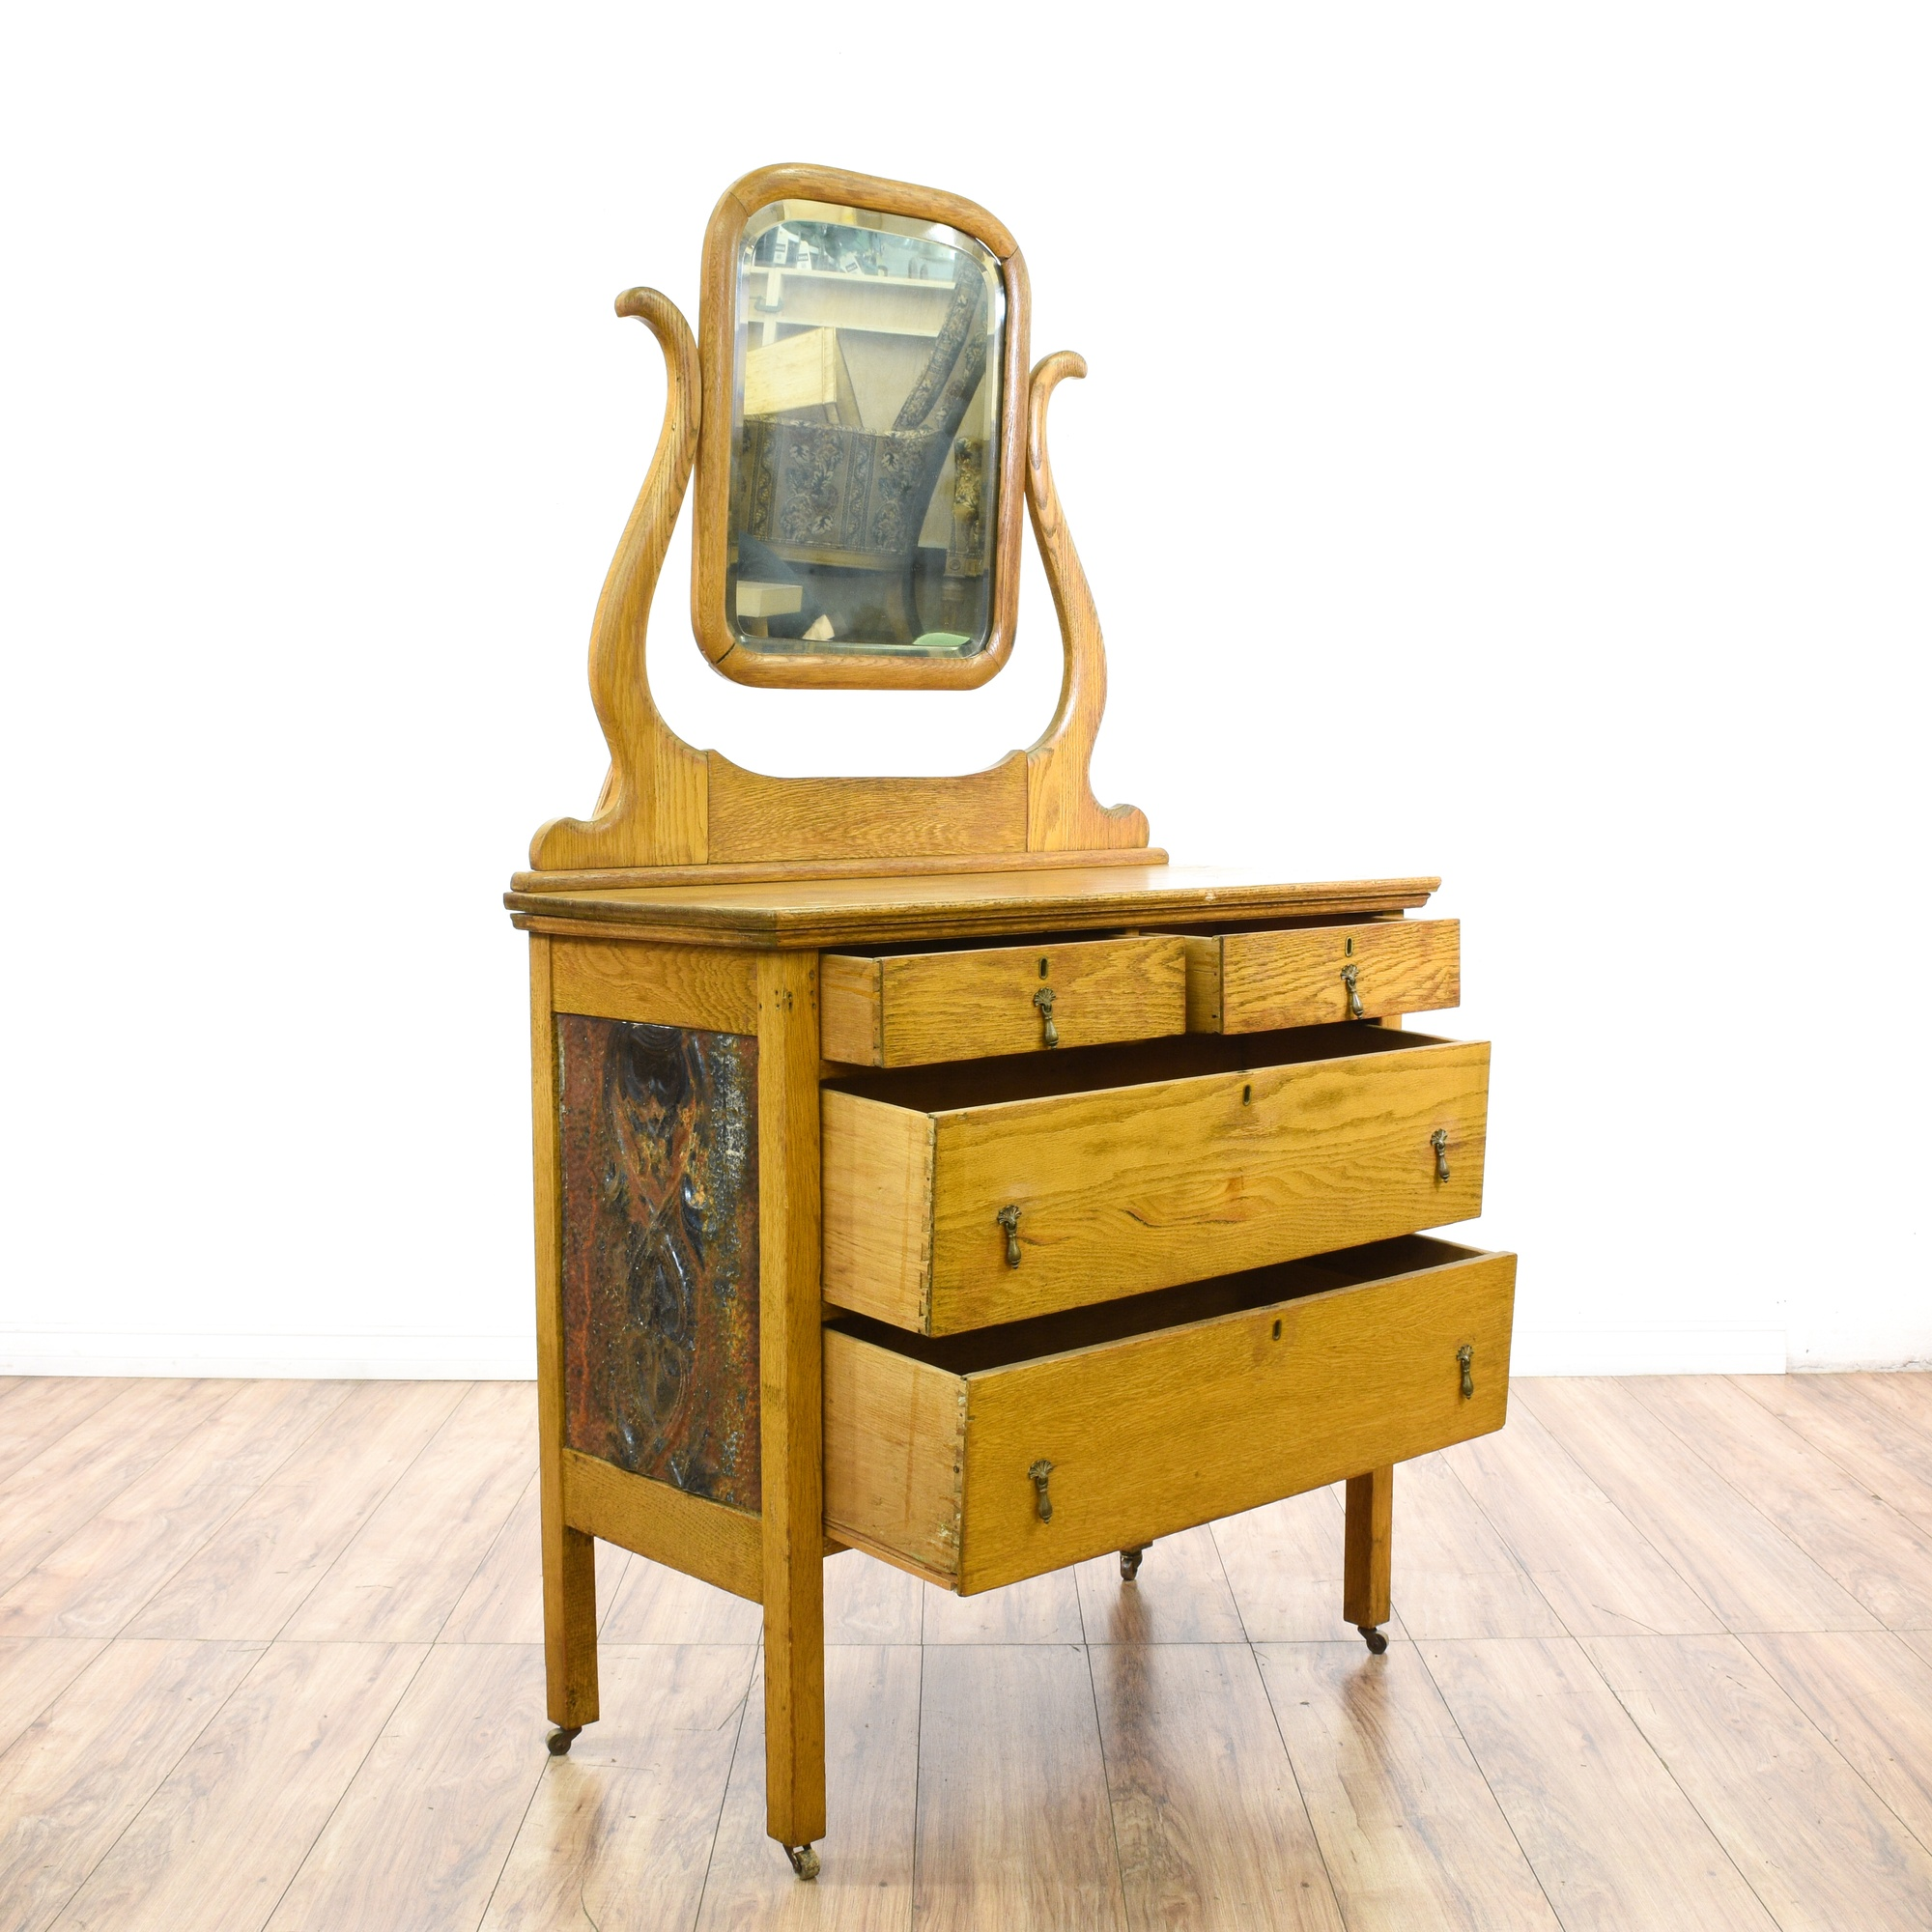 Reclaimed Rustic Wood Furniture in San Diego   Wood ...